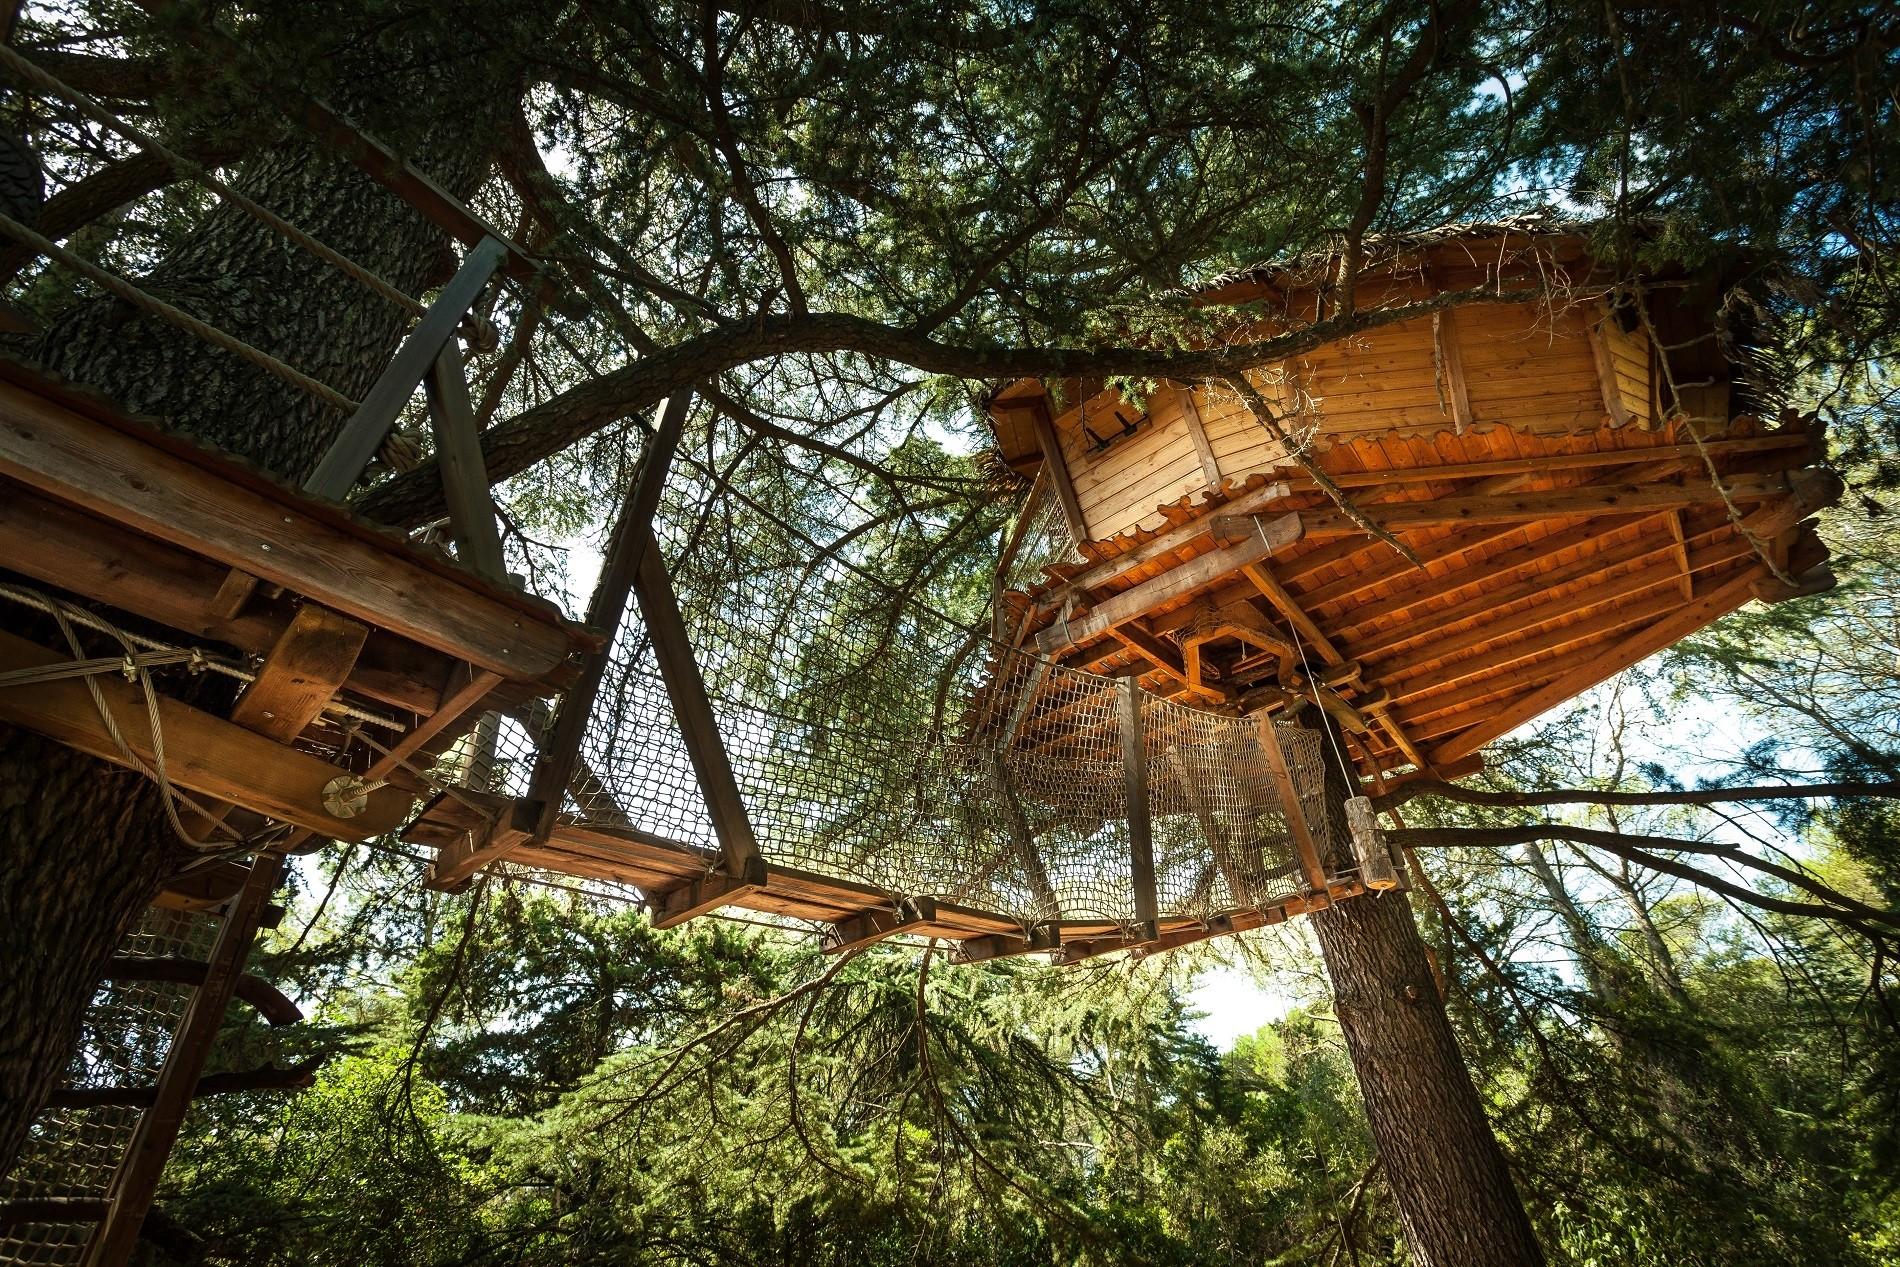 Photo 7 extérieur - Cabanes dans les arbres - Grand Duc -hébergement insolite à Montpellier - Oenotourisme - Domaine saint Jean de l'Arbousier, Castries, Hérault